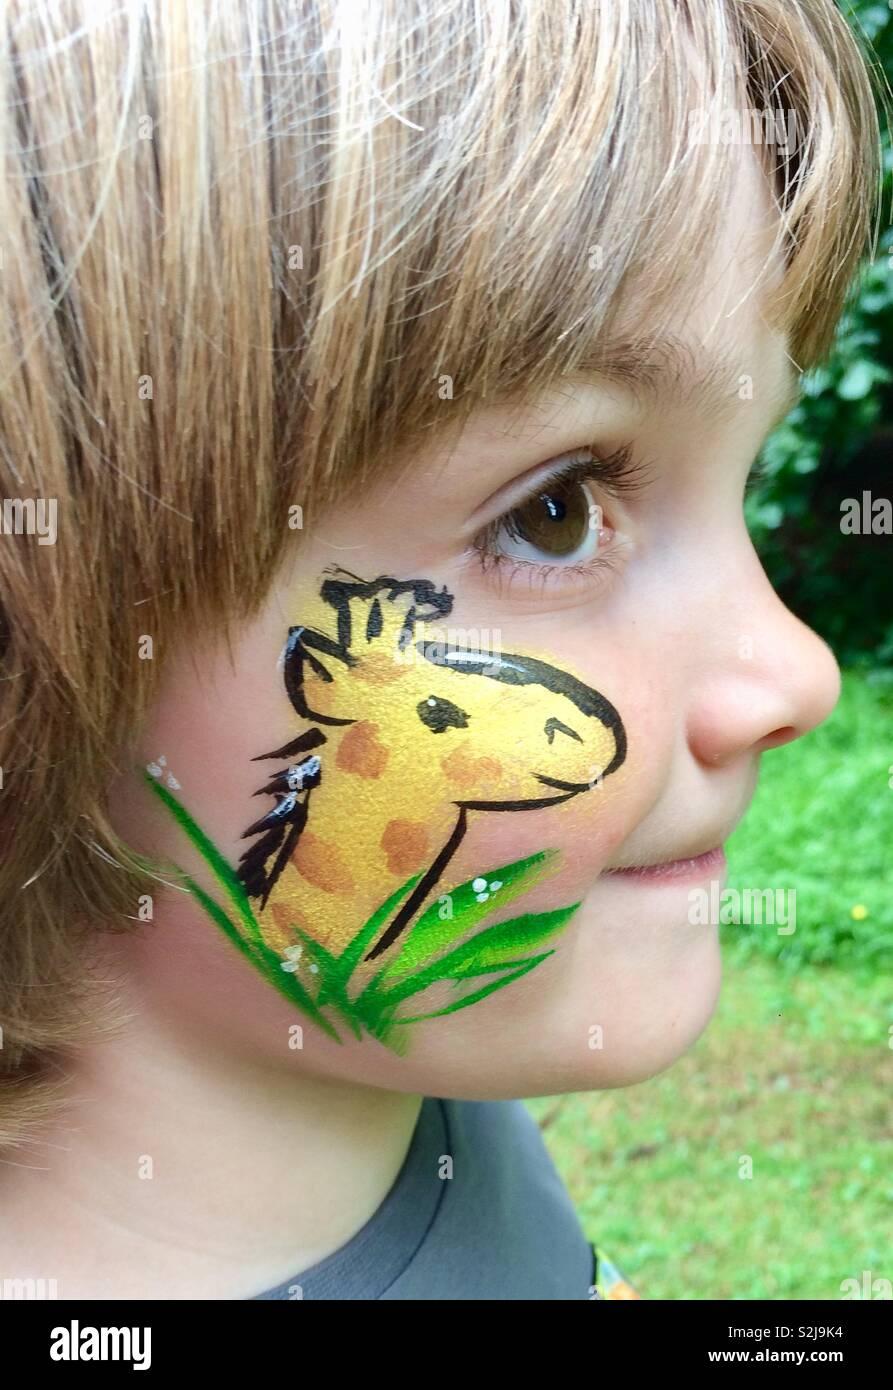 Chico con jirafas pintura facial Foto de stock